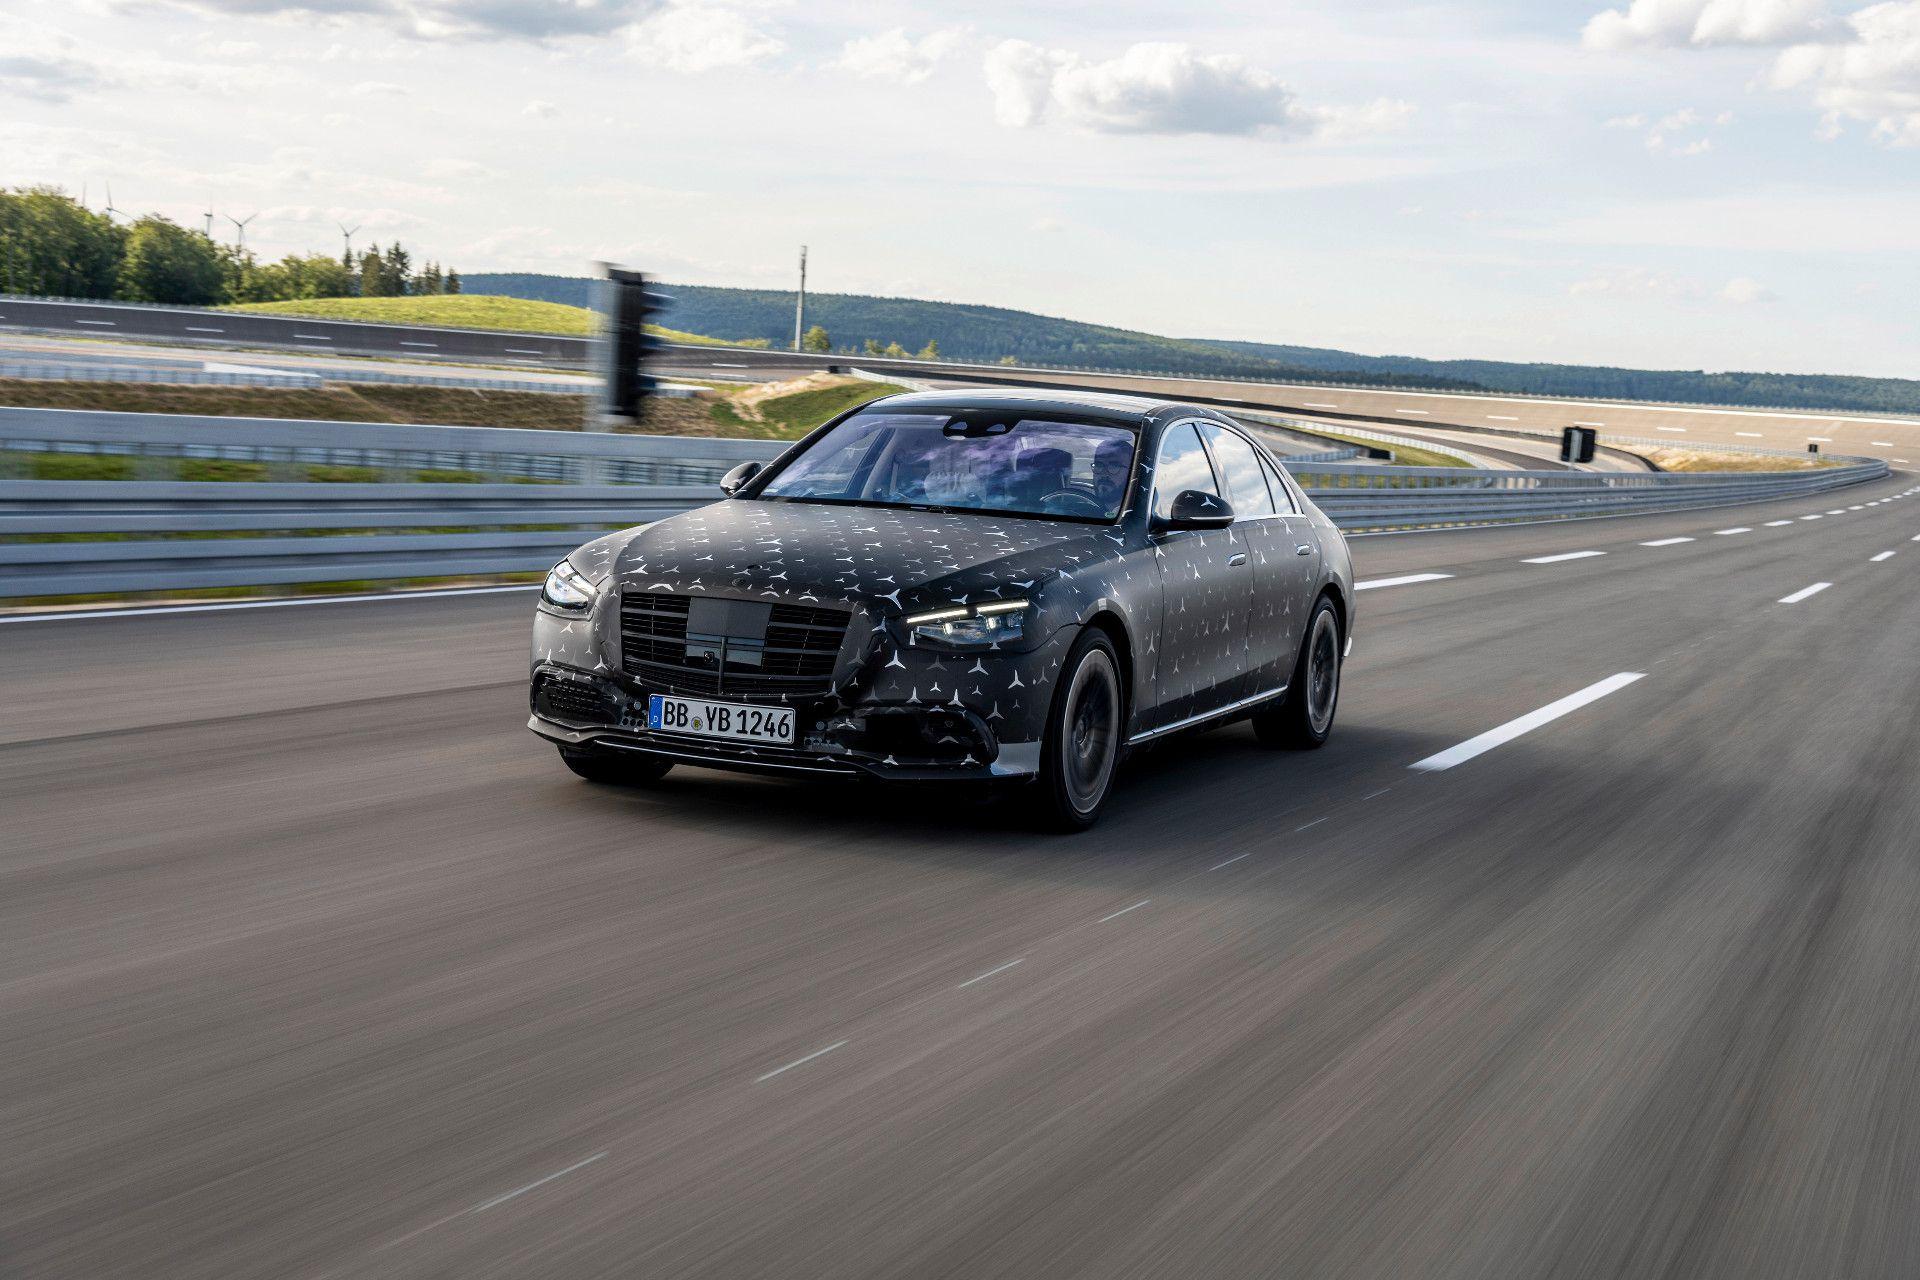 Estas son las innovaciones en seguridad de la nueva Clase S de Mercedes